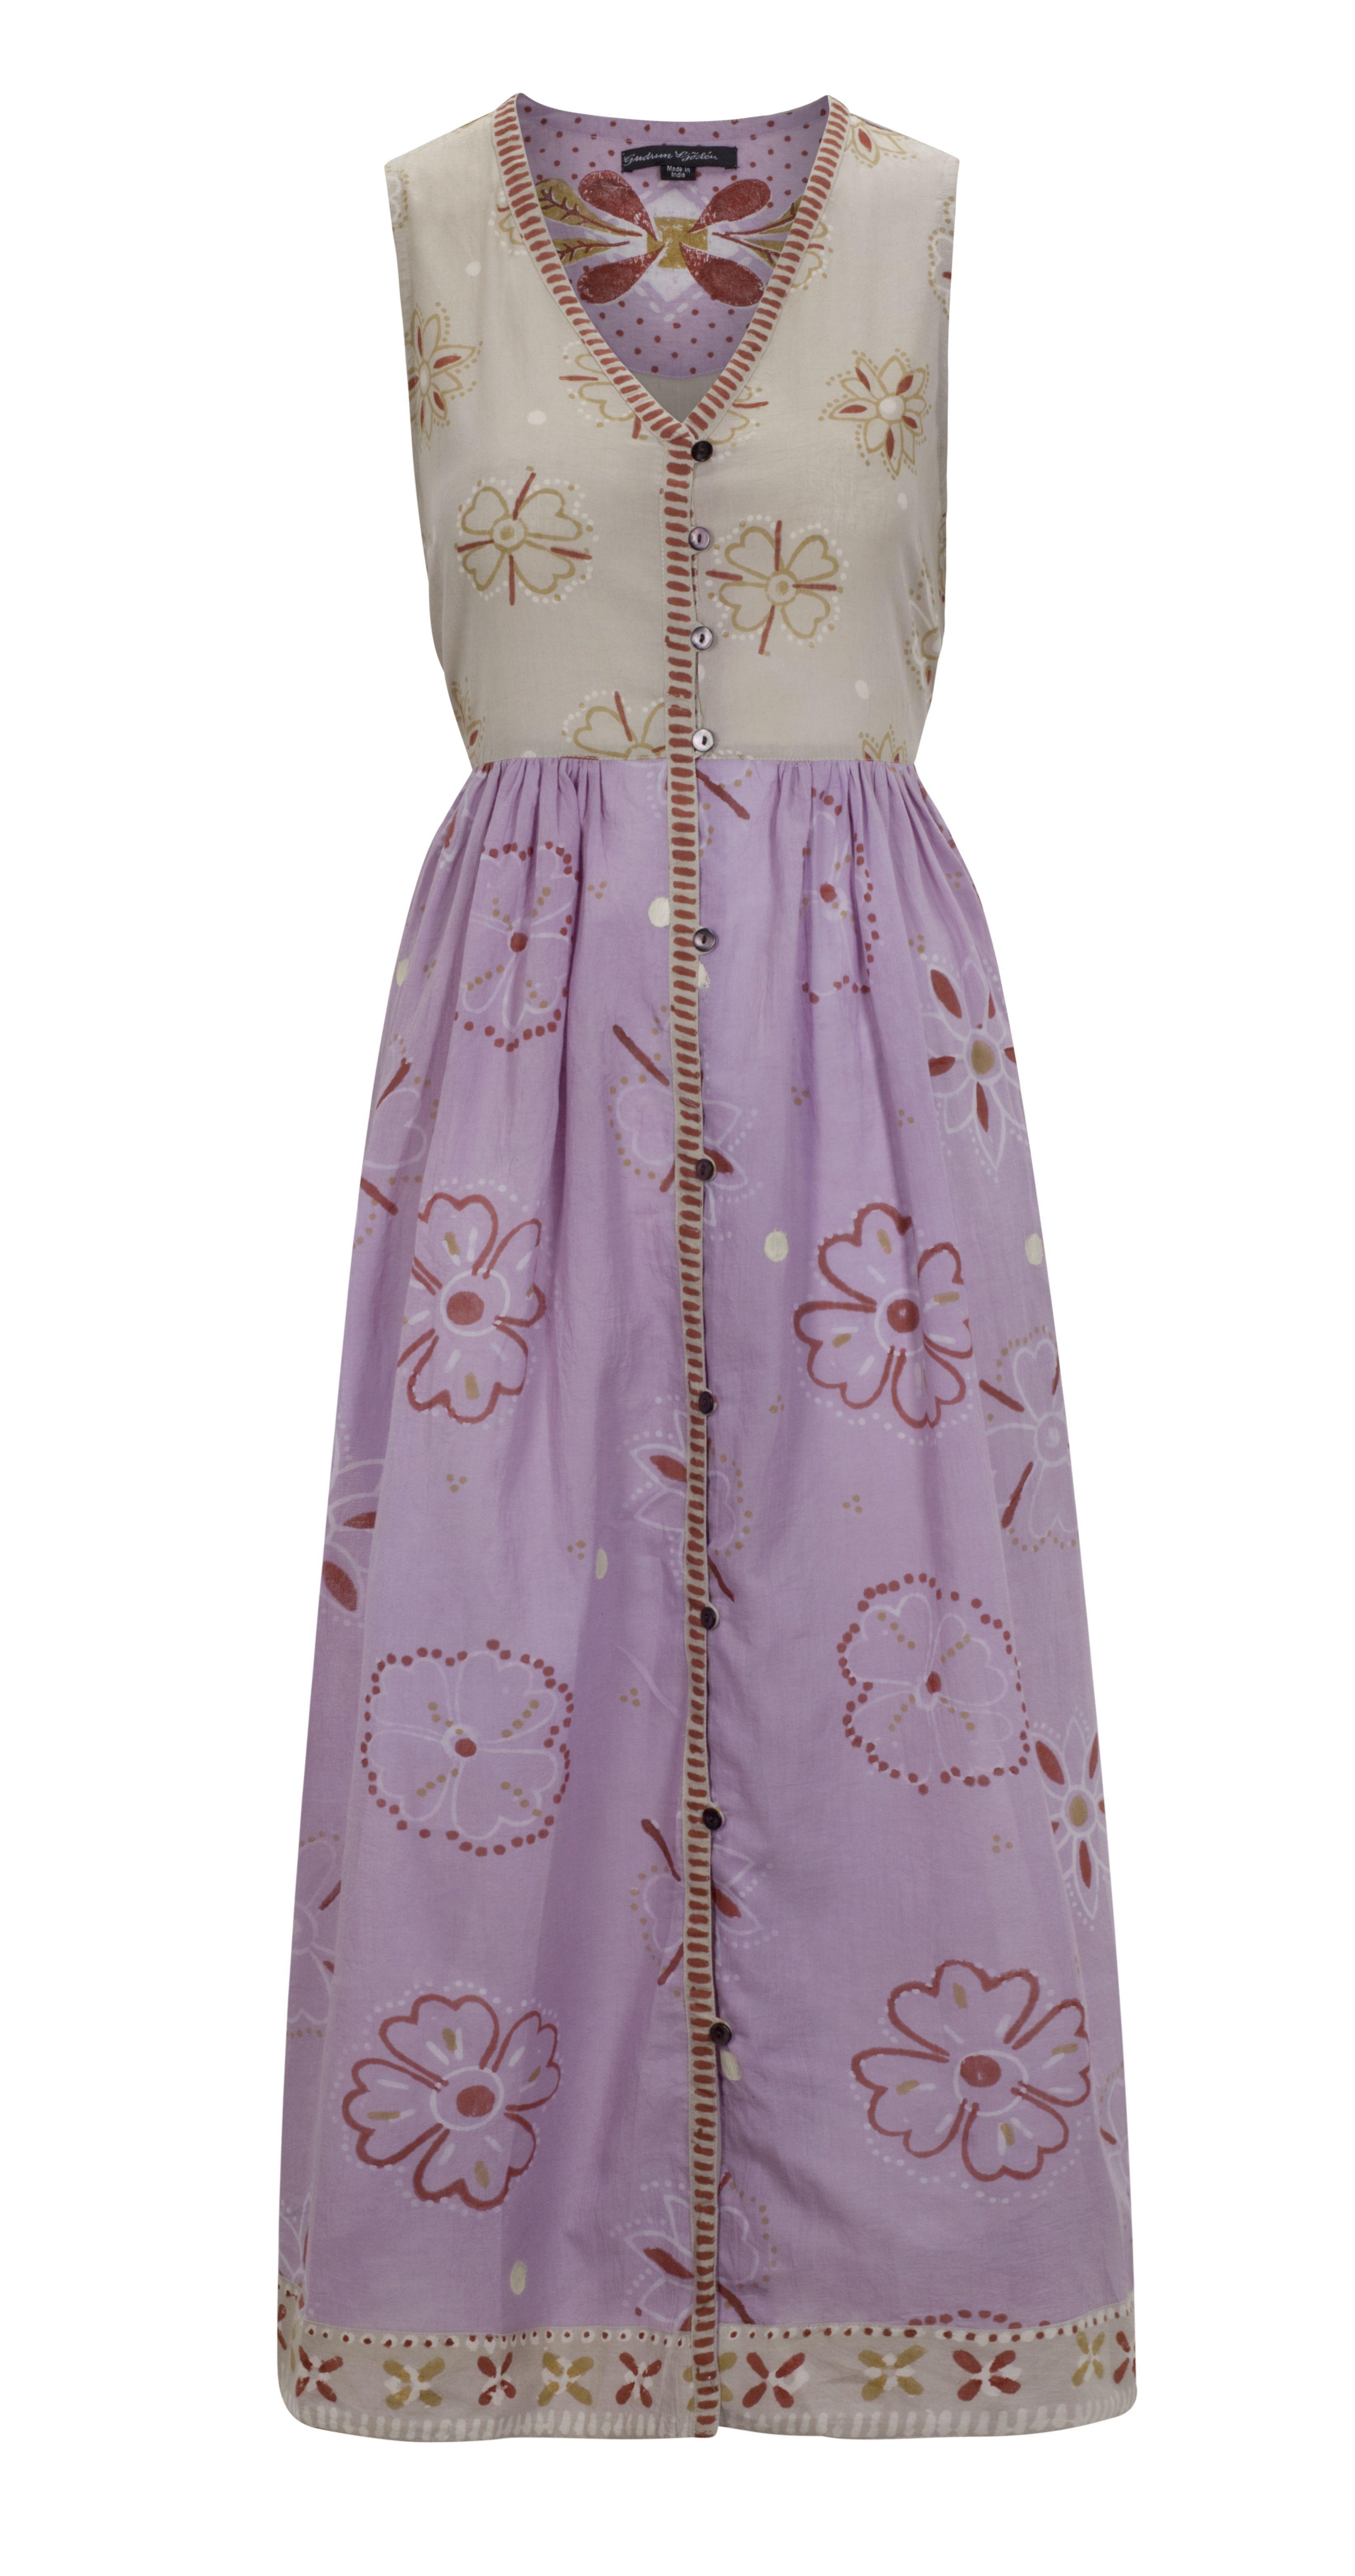 """Sommermode 2013 - Kleid """"Aditi"""" aus Öko-Baumwolle.    Entzückendes, durchgeknöpftes Kleid für heiße Tage. Anliegendes Oberteil mit V-Ausschnitt, weitem Rockteil und praktischer Tasche. Aus luftig-leichter, blockbedruckter Öko-Baumwolle."""